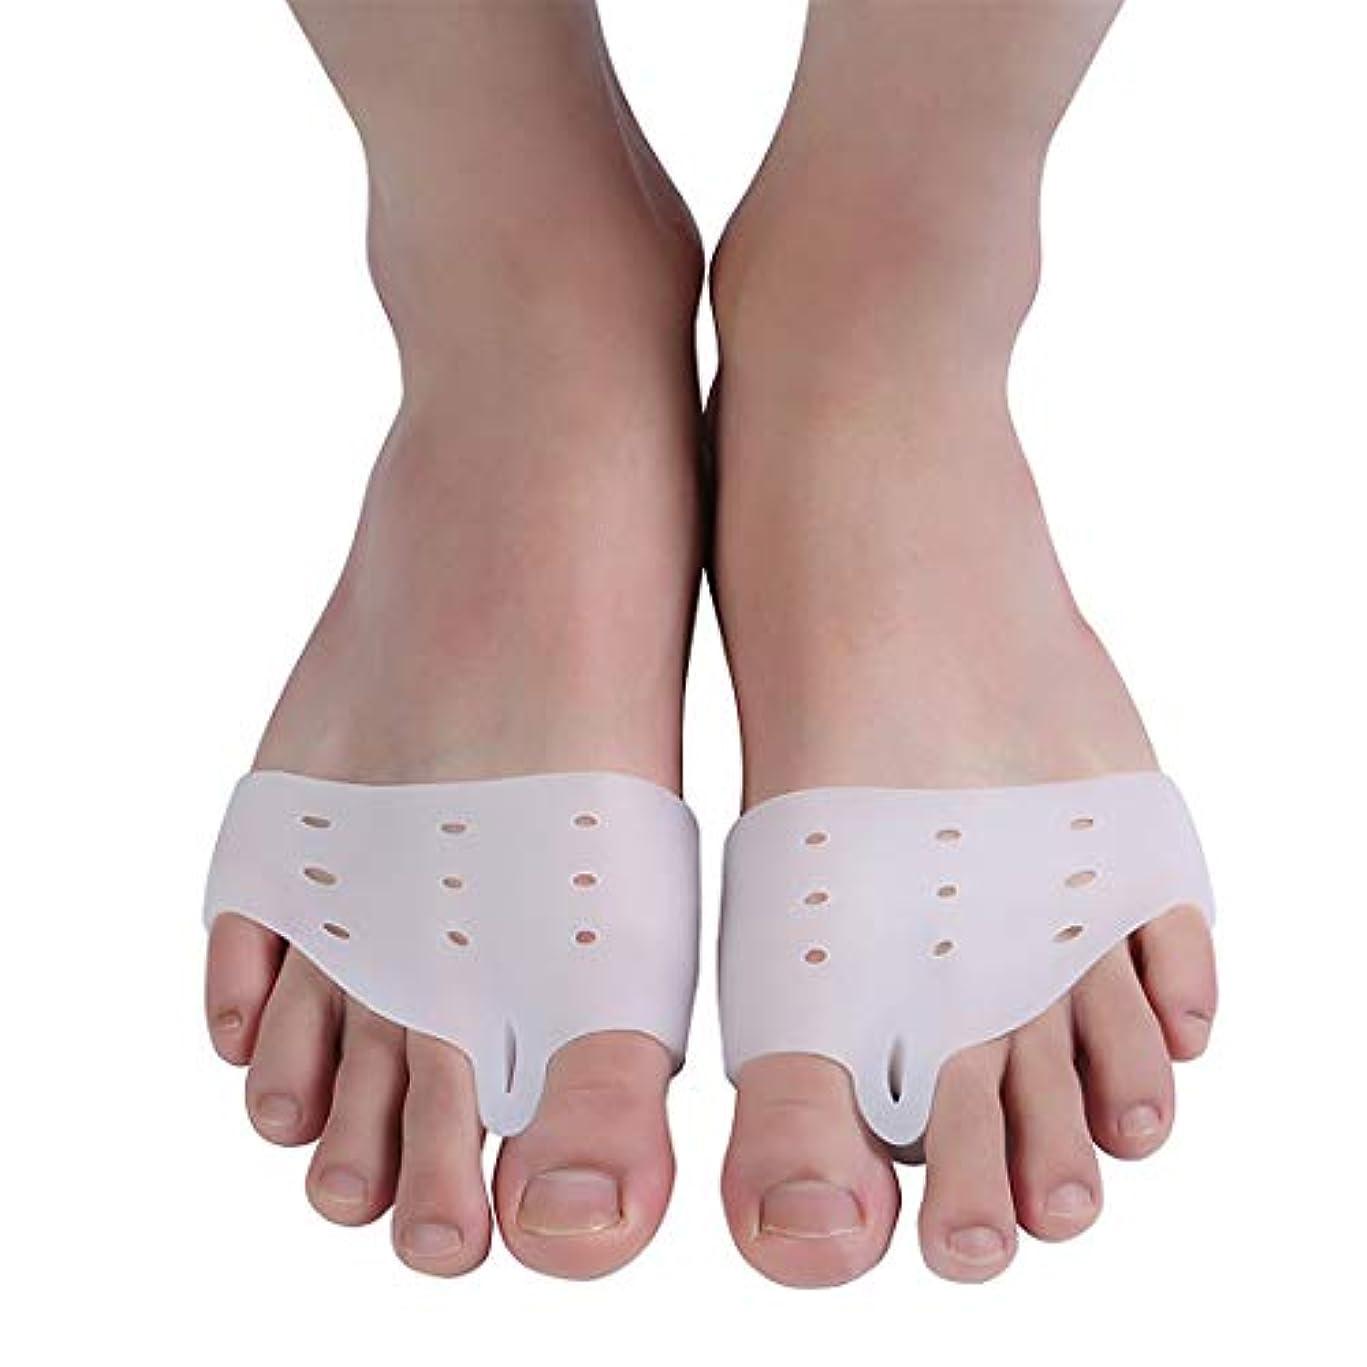 素晴らしい良い多くのつぶす謝罪腱膜瘤矯正と腱膜瘤救済、女性と男性のための整形外科の足の親指矯正、昼夜のサポート、外反母Valの治療と予防